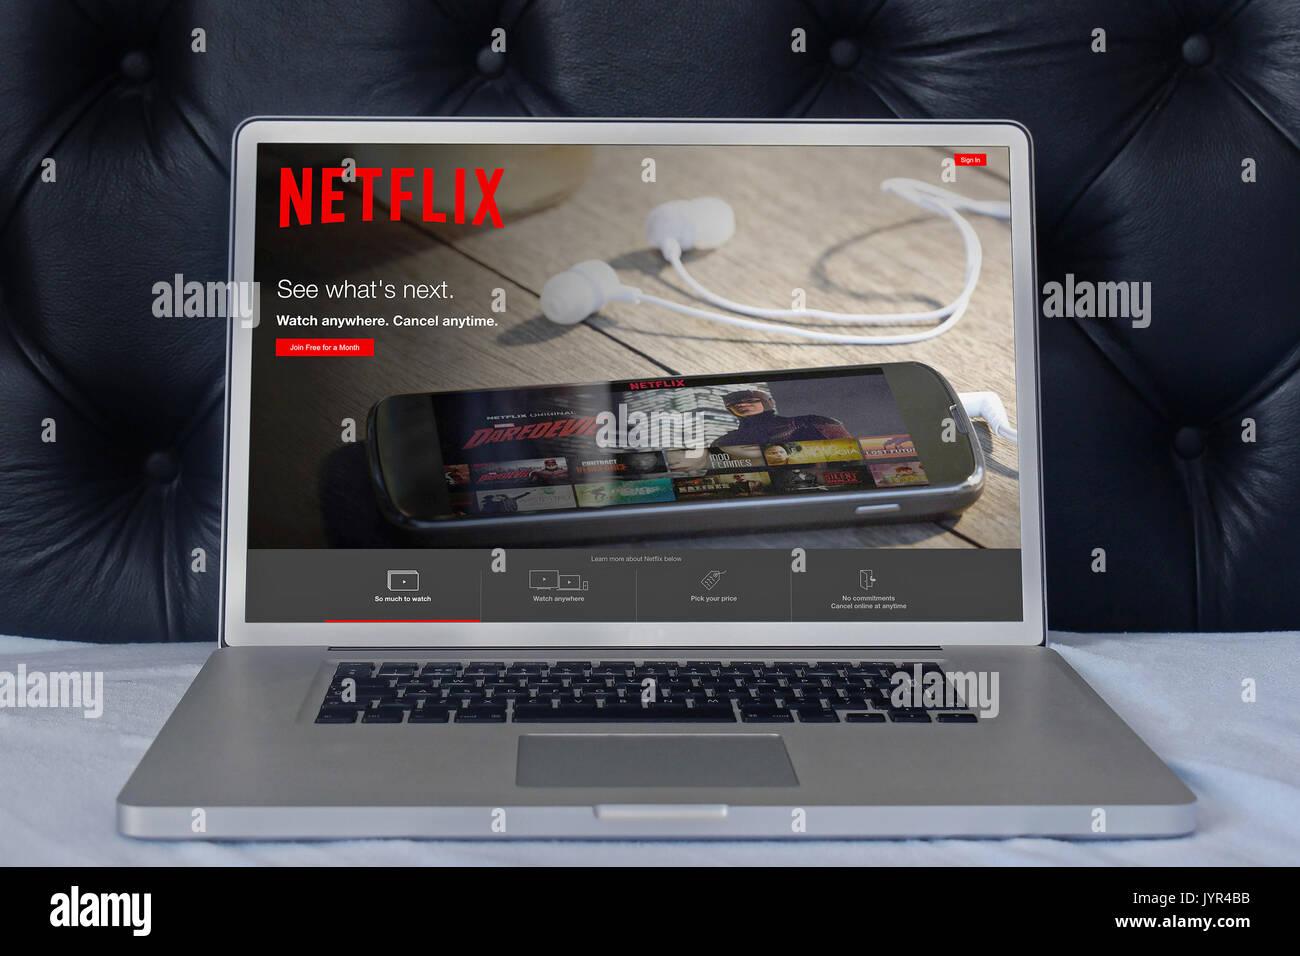 Londres, Reino Unido - 02 de junio, 2015: la página web de Netflix en la pantalla de un ordenador portátil en la habitación de la casa. Netflix es un proveedor global de streaming de películas y T Imagen De Stock